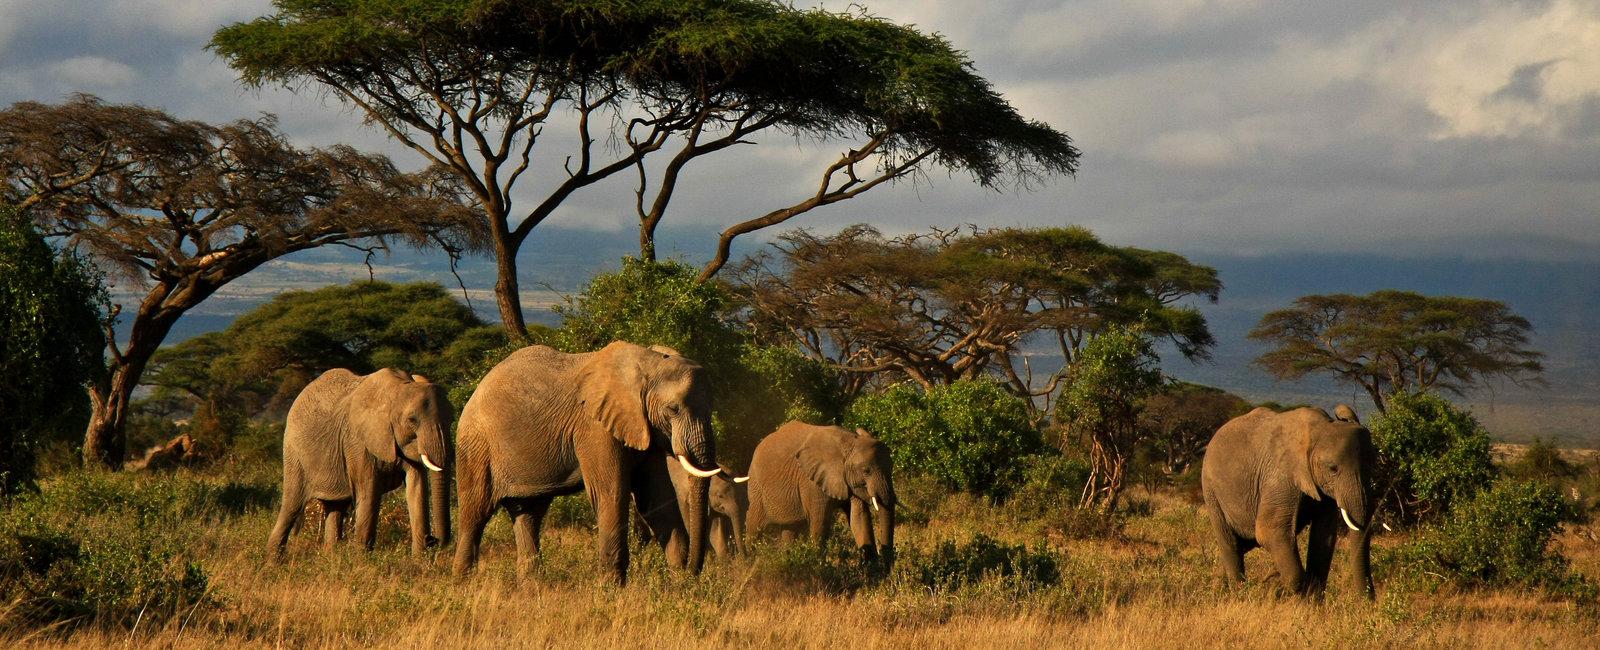 Elephants and Mt Kilimanjaro